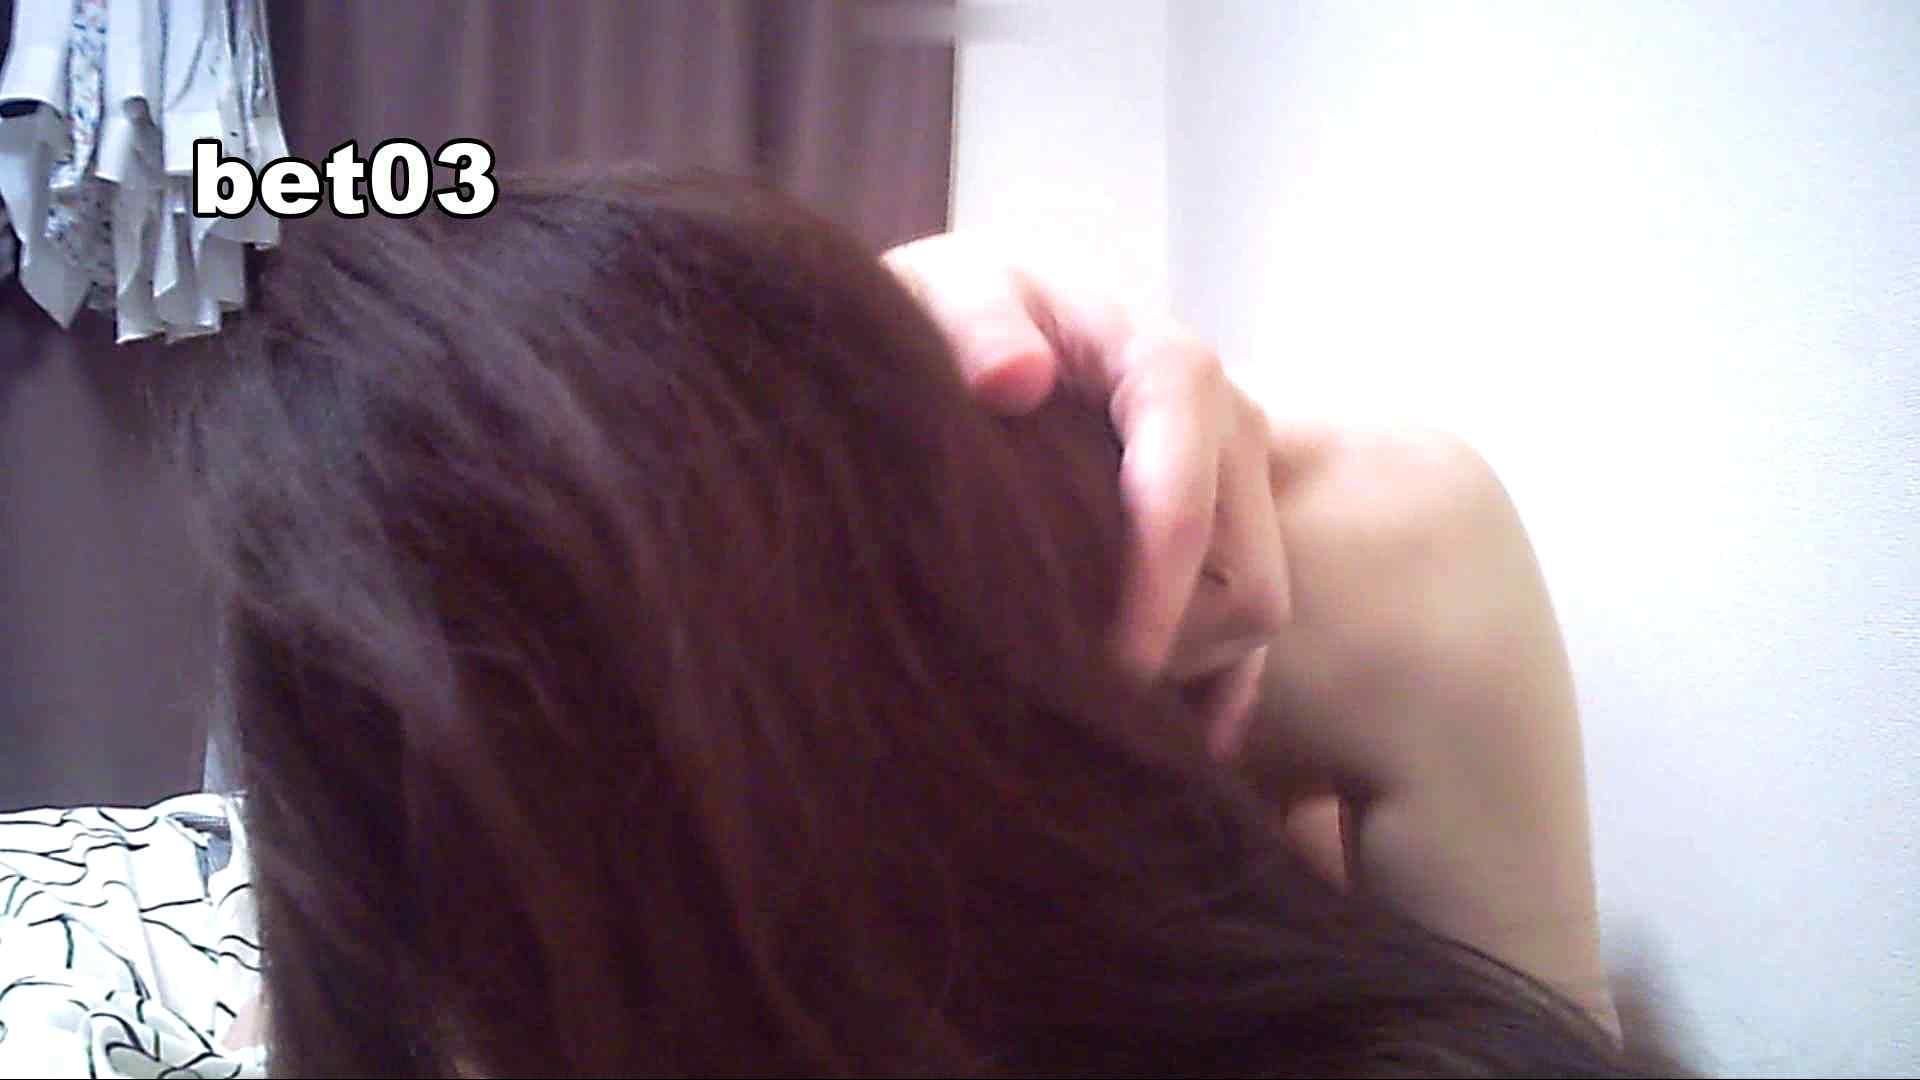 ミキ・大手旅行代理店勤務(24歳・仮名) vol.03 フヤケルまでしゃぶる女 セックス  98PIX 21